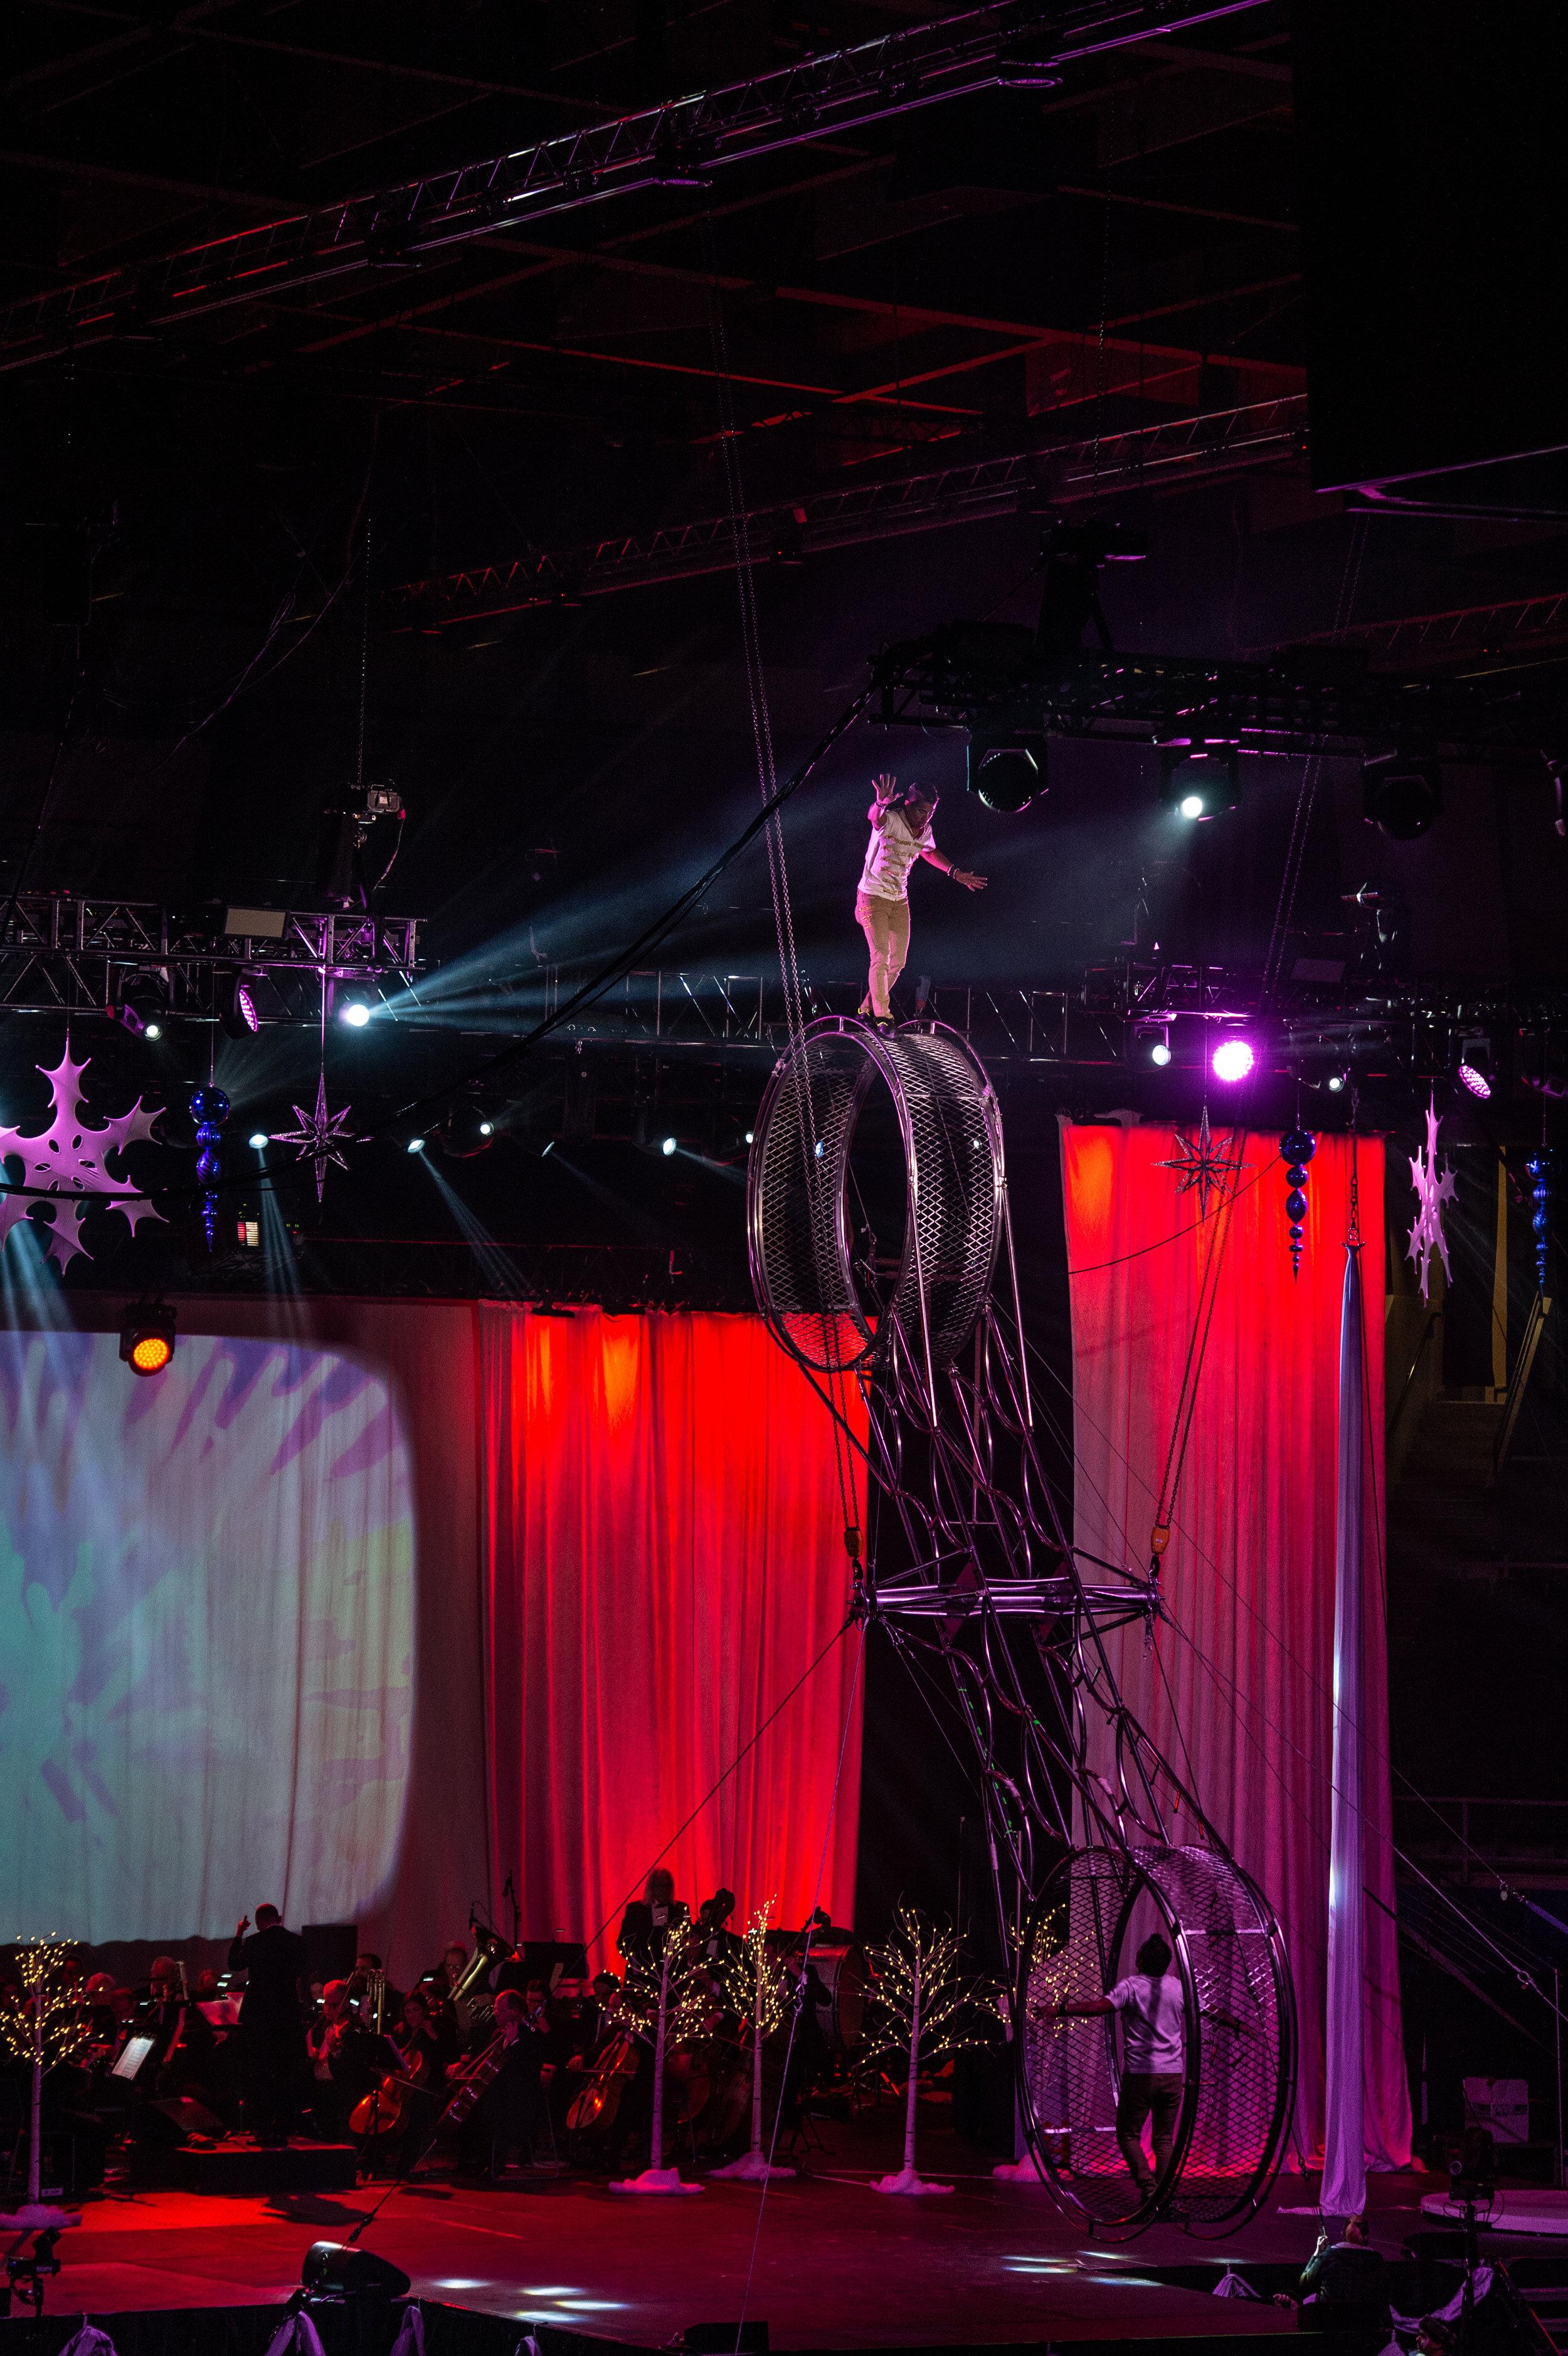 Cirque-ScheelsArena-93.jpg